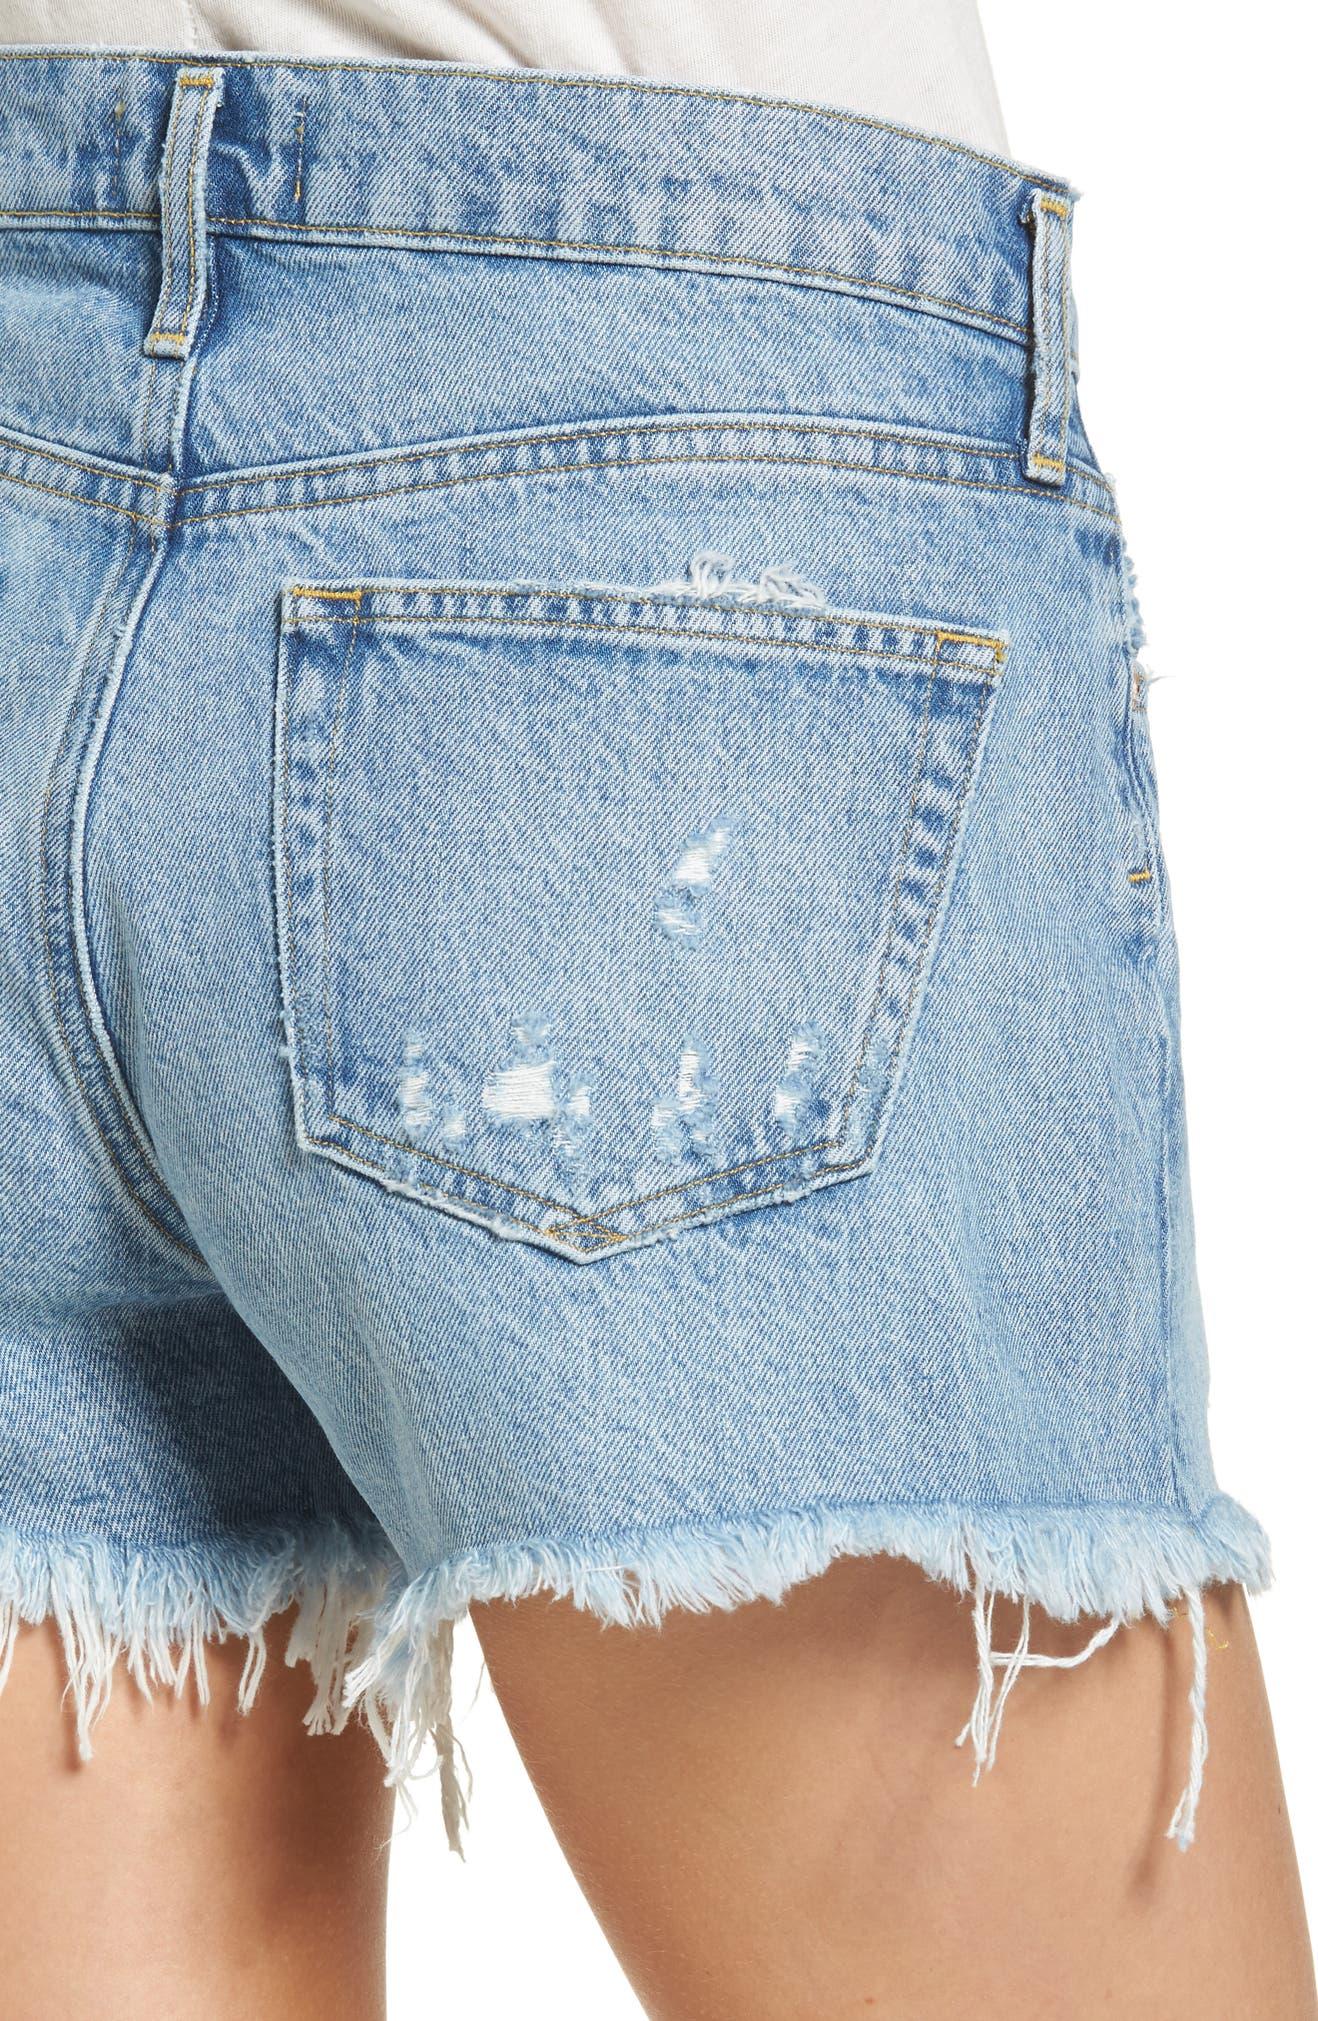 1bd85252d3 AGOLDE Parker Distressed Denim Shorts (Swapmeet) | Nordstrom